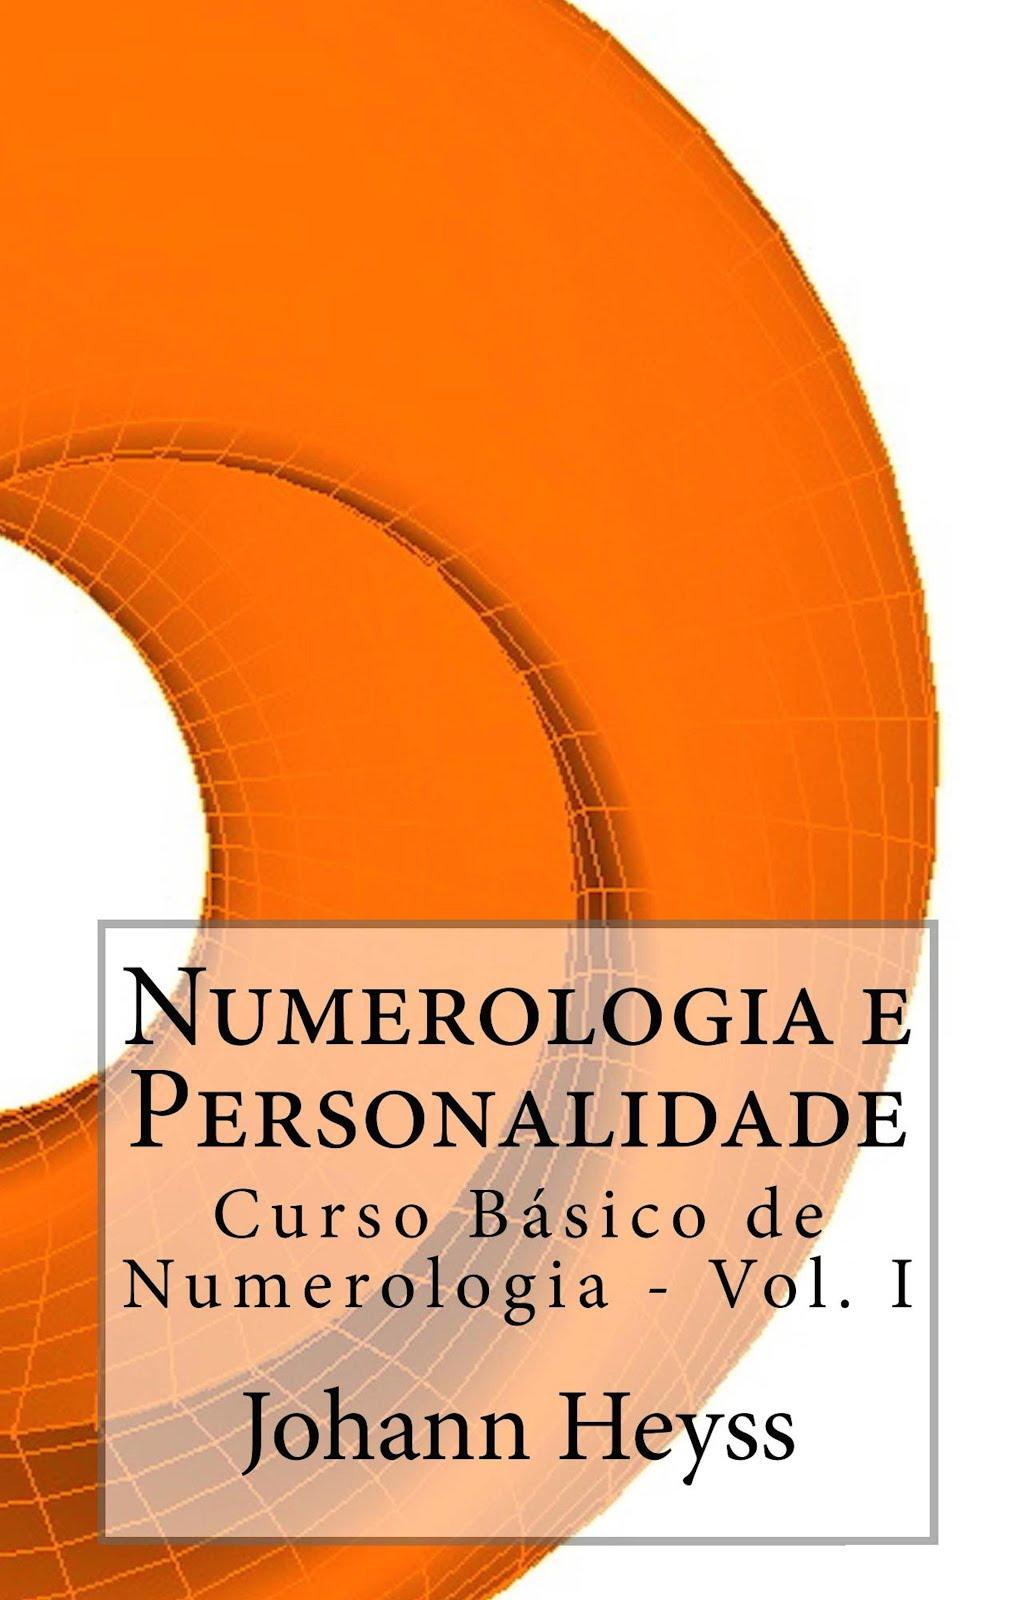 Numerologia e personalidade